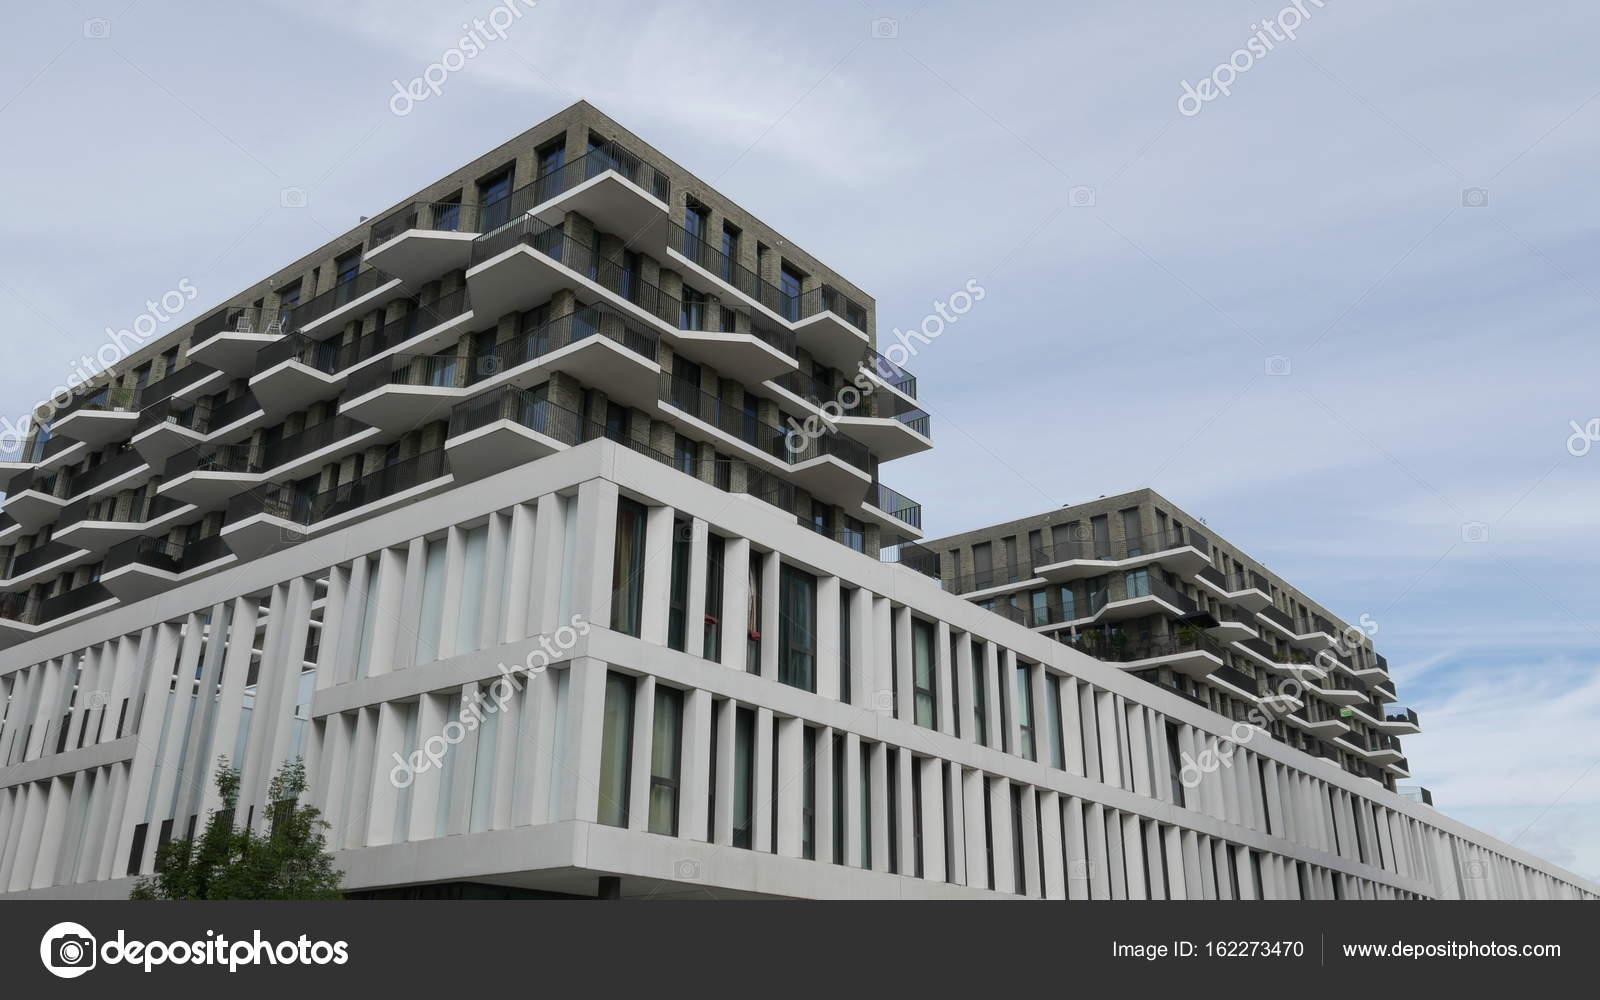 moderne architektur in der stadt stockfoto shadowmaker 162273470. Black Bedroom Furniture Sets. Home Design Ideas